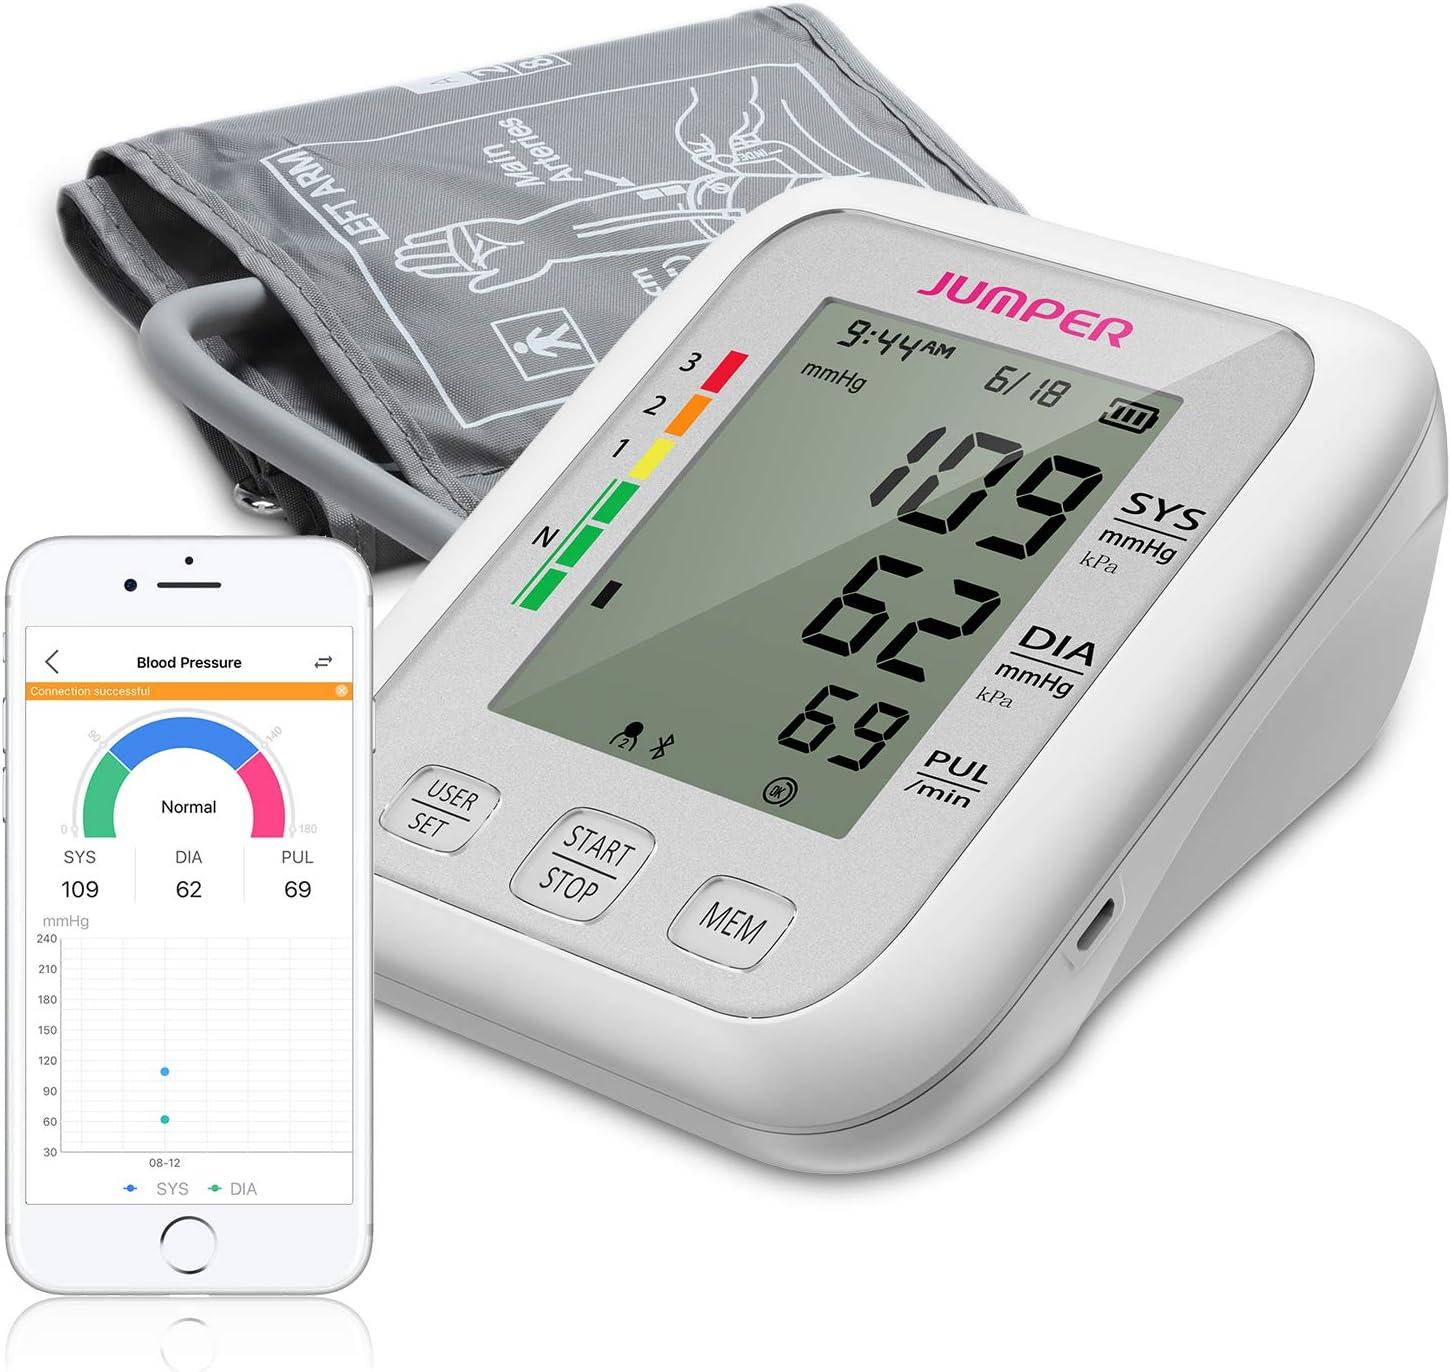 Monitor de Presión Arterial JUMPER en la Parte Superior del Brazo, 2 Usuarios, 2 Módulos de Fuente de Alimentación, 198 Memoria de datos, Gran pantalla LCD, Brazalete Ajustable Grande(Blanco)